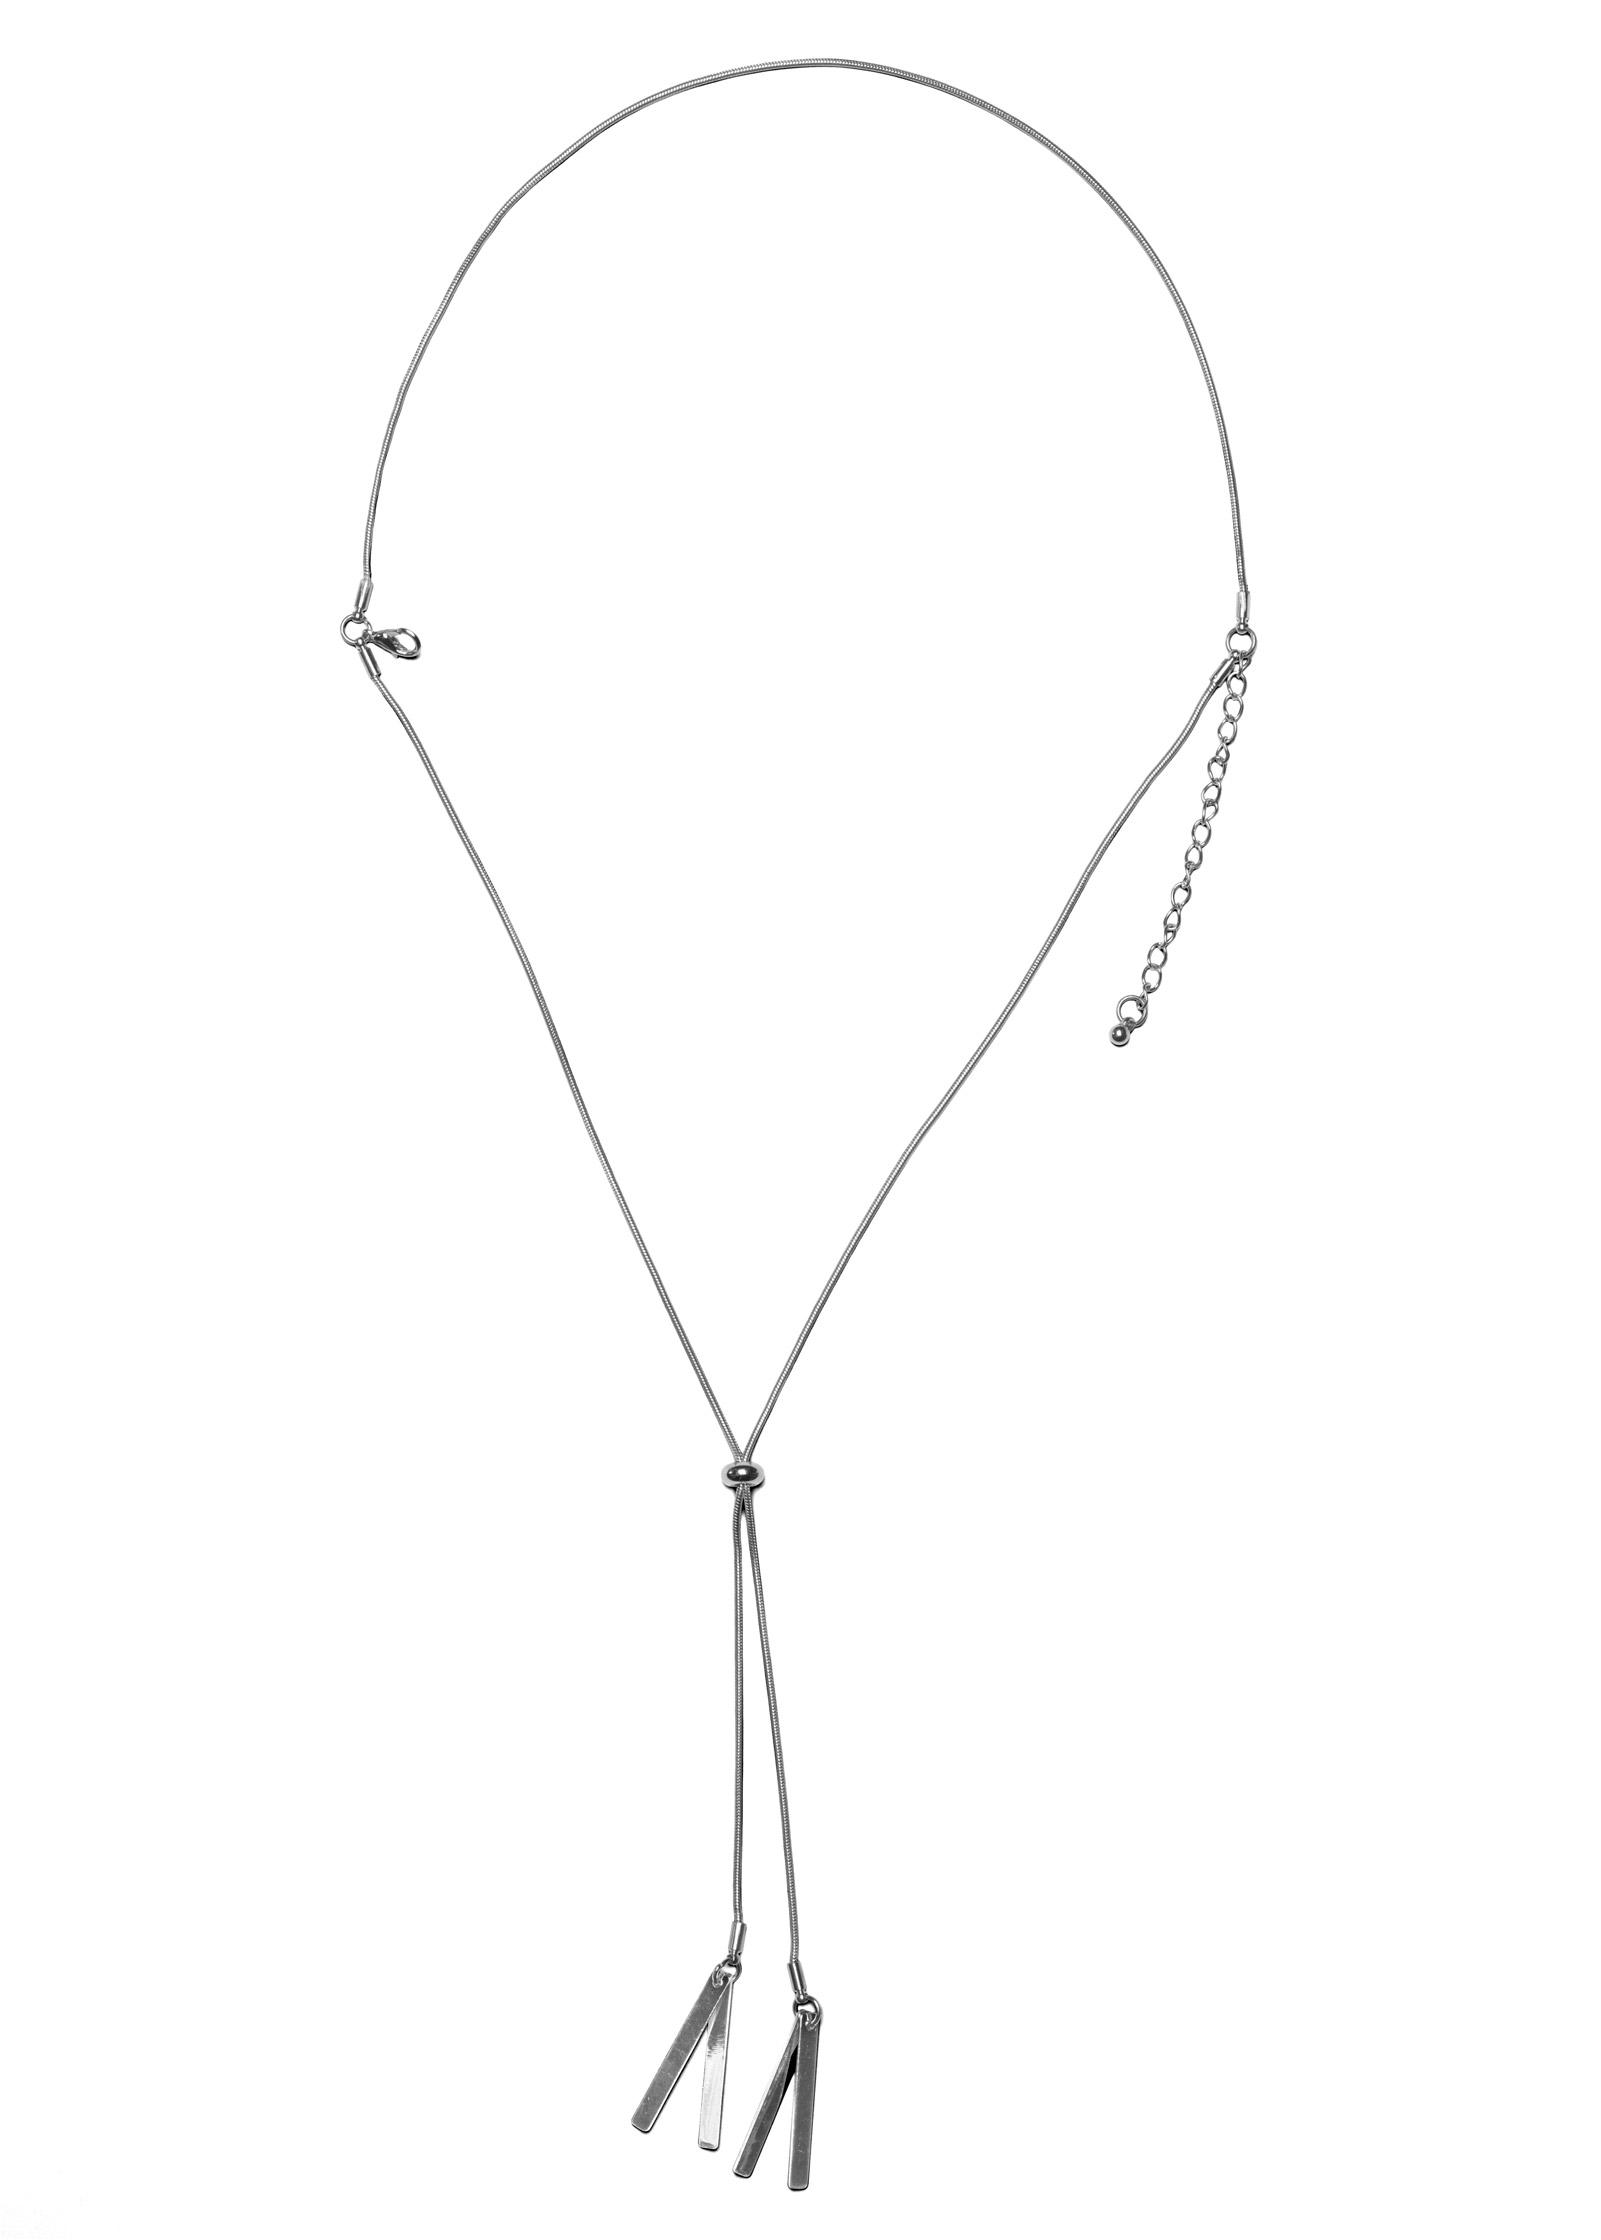 Bolo Charm Necklace in Silver | VENUS